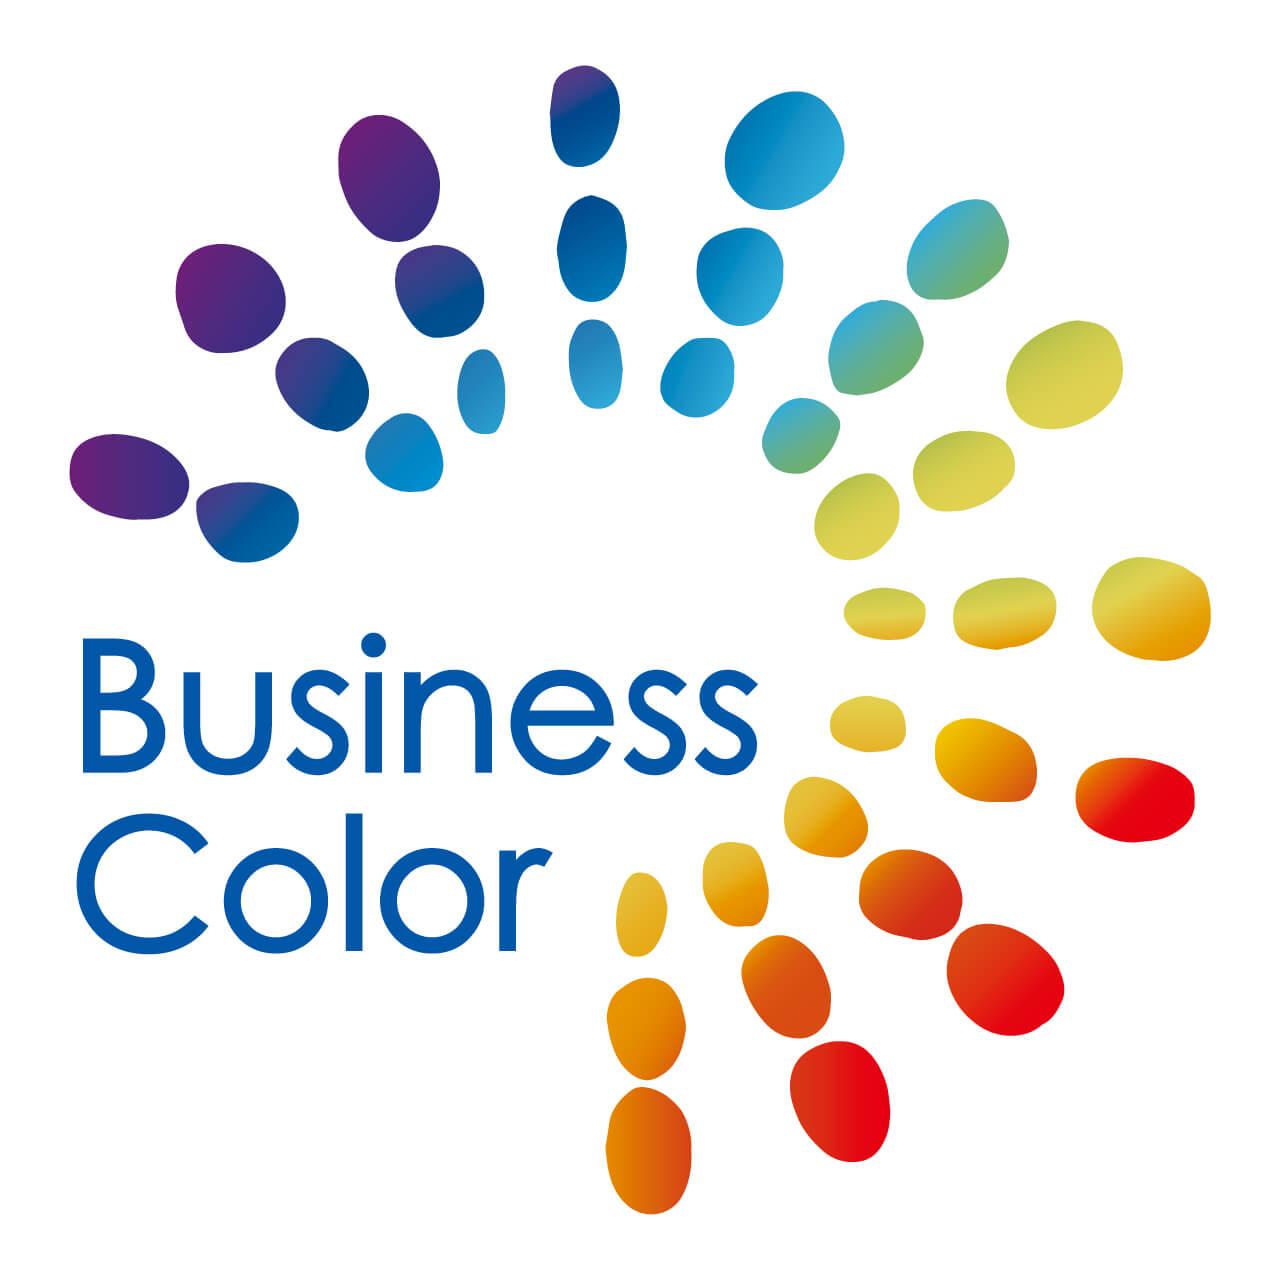 カラー資格、カラー活用なら一般社団法人ビジネスカラー検定協会